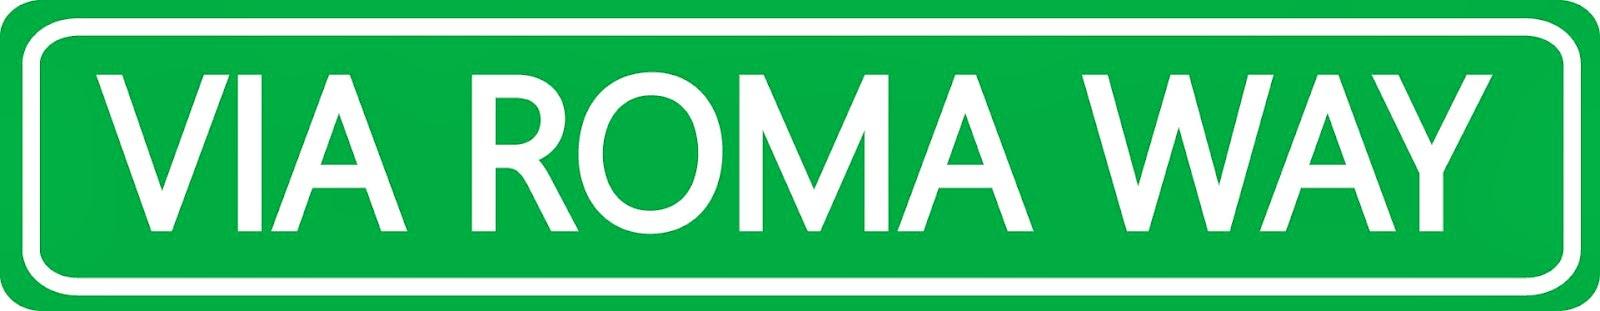 viaromaway